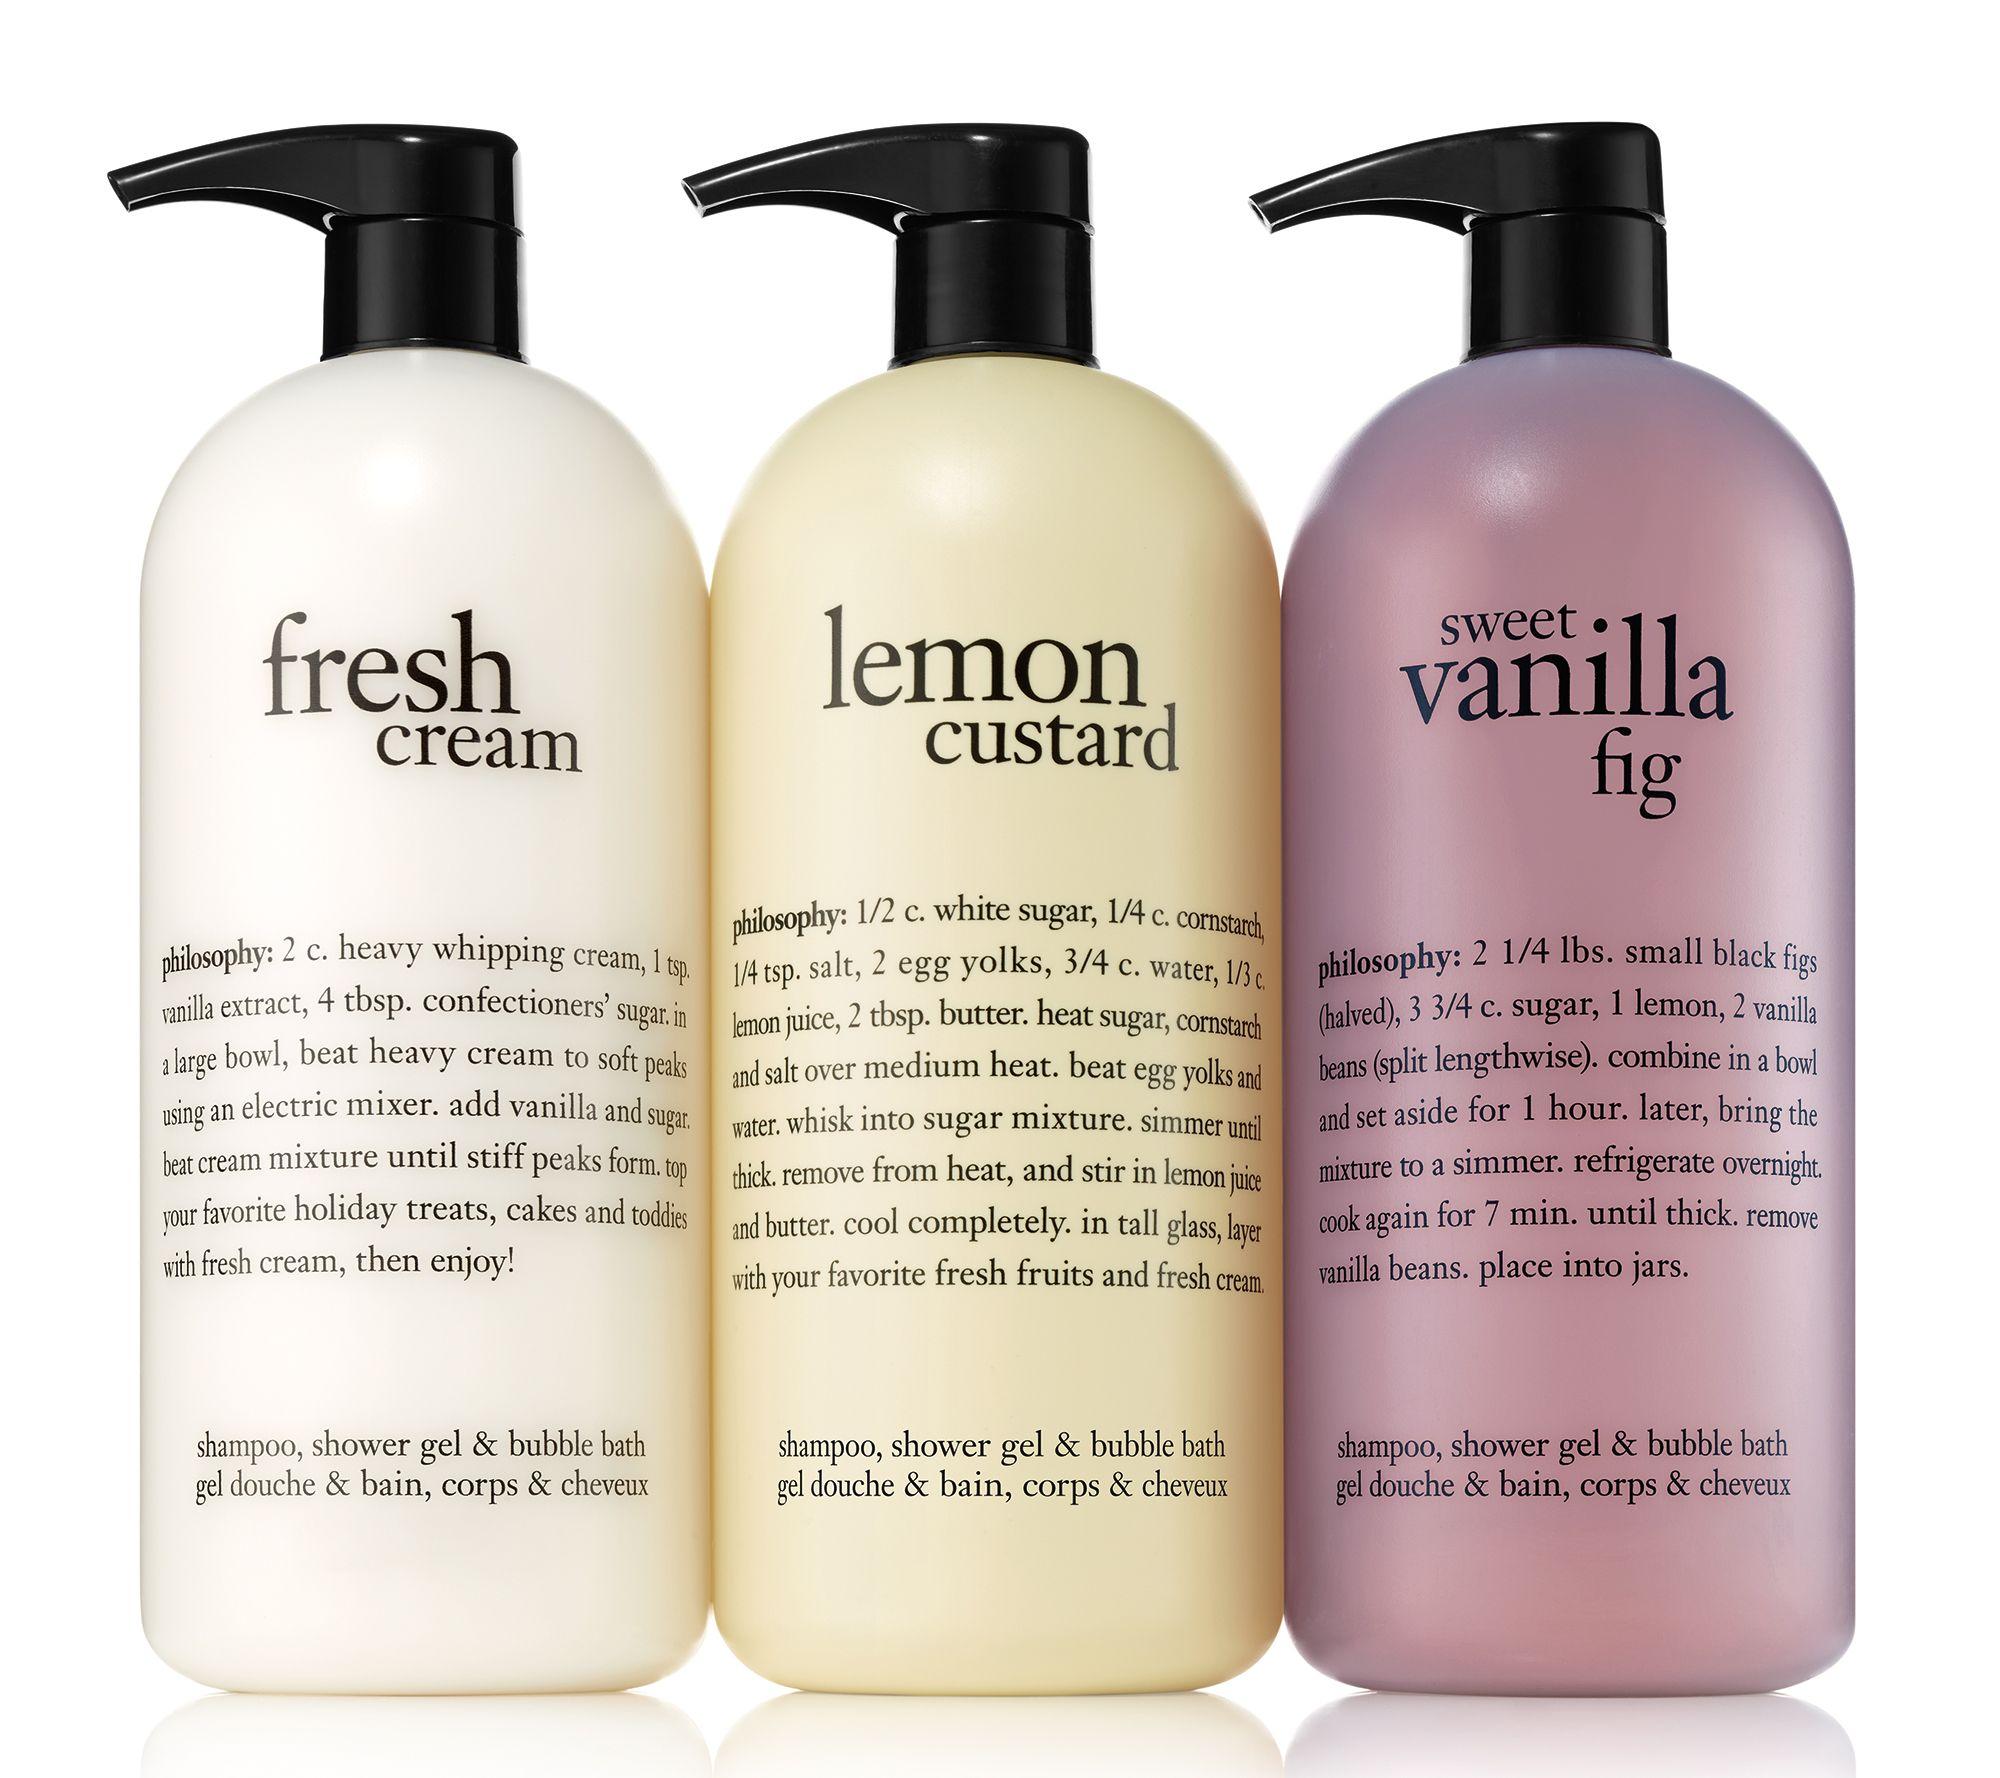 apple bubble shampoo philosophy best gl sg cider gel smelling shower applecider bath